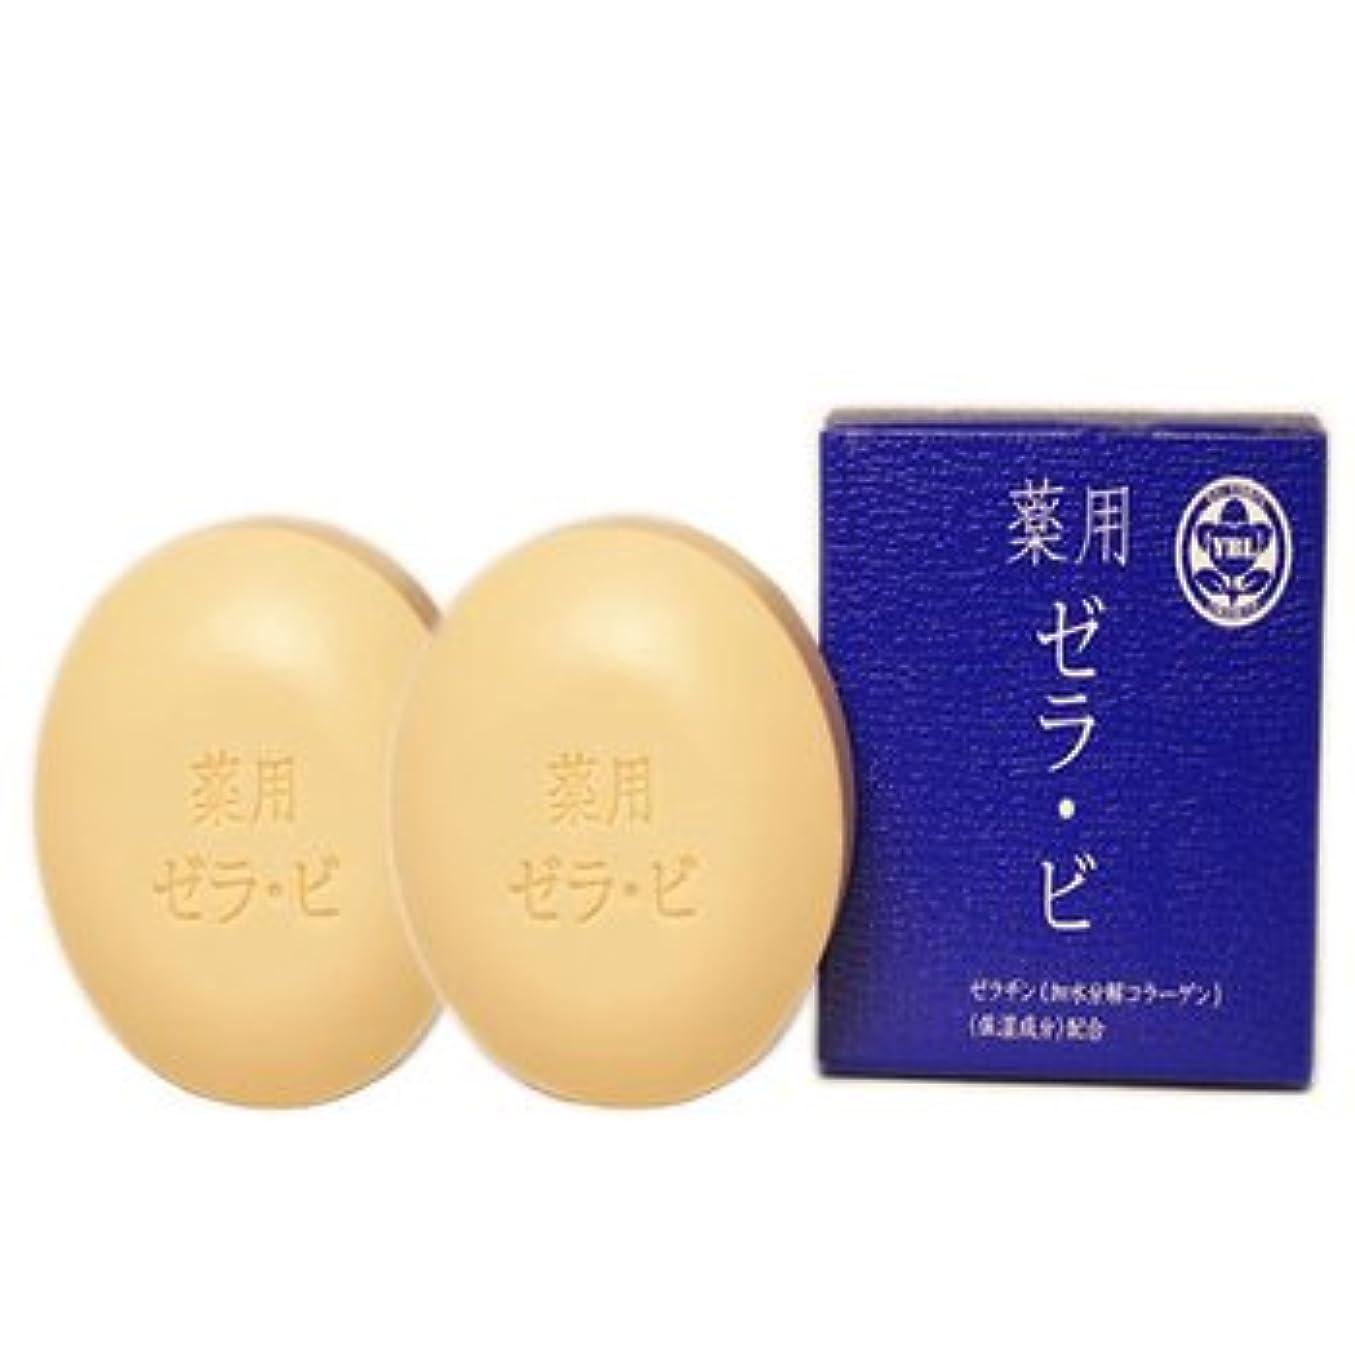 属性取り除く櫛薬用ゼラビ90g×2個セット【医薬部外品】